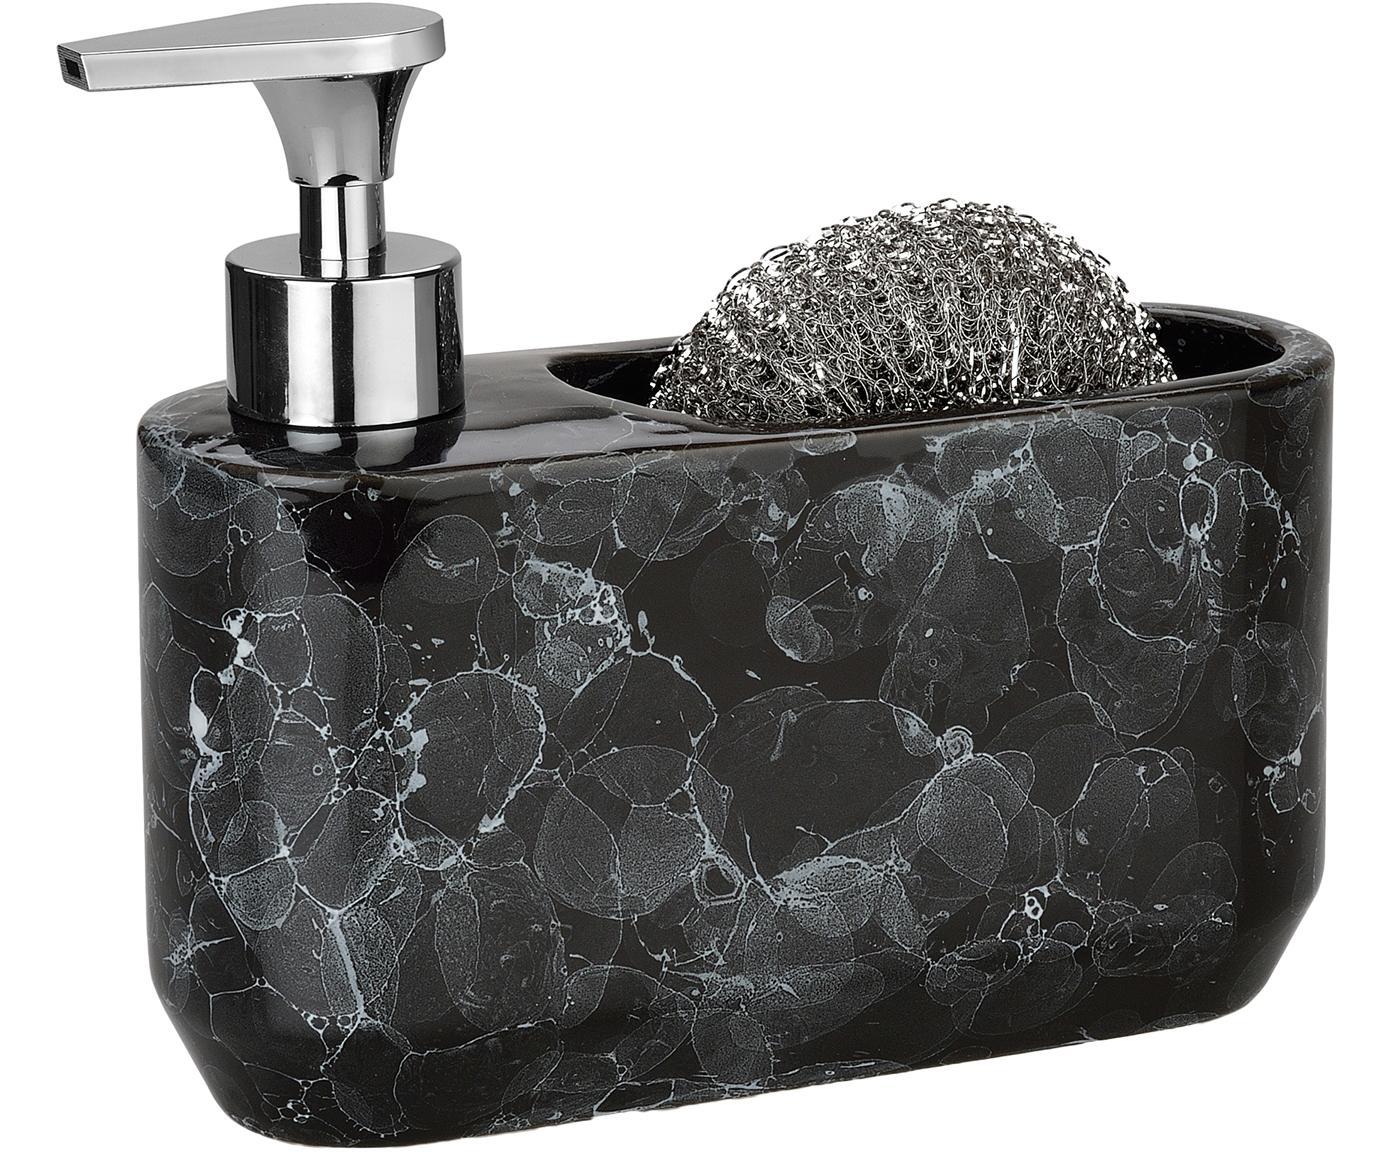 Set dosificador de jabón en aspecto mármol Bubble. 2pzas., Recipiente: cerámica, Dosificador: plástico, Estropajo: metal, Negro, plata, Ancho 19 x Alto 16cm